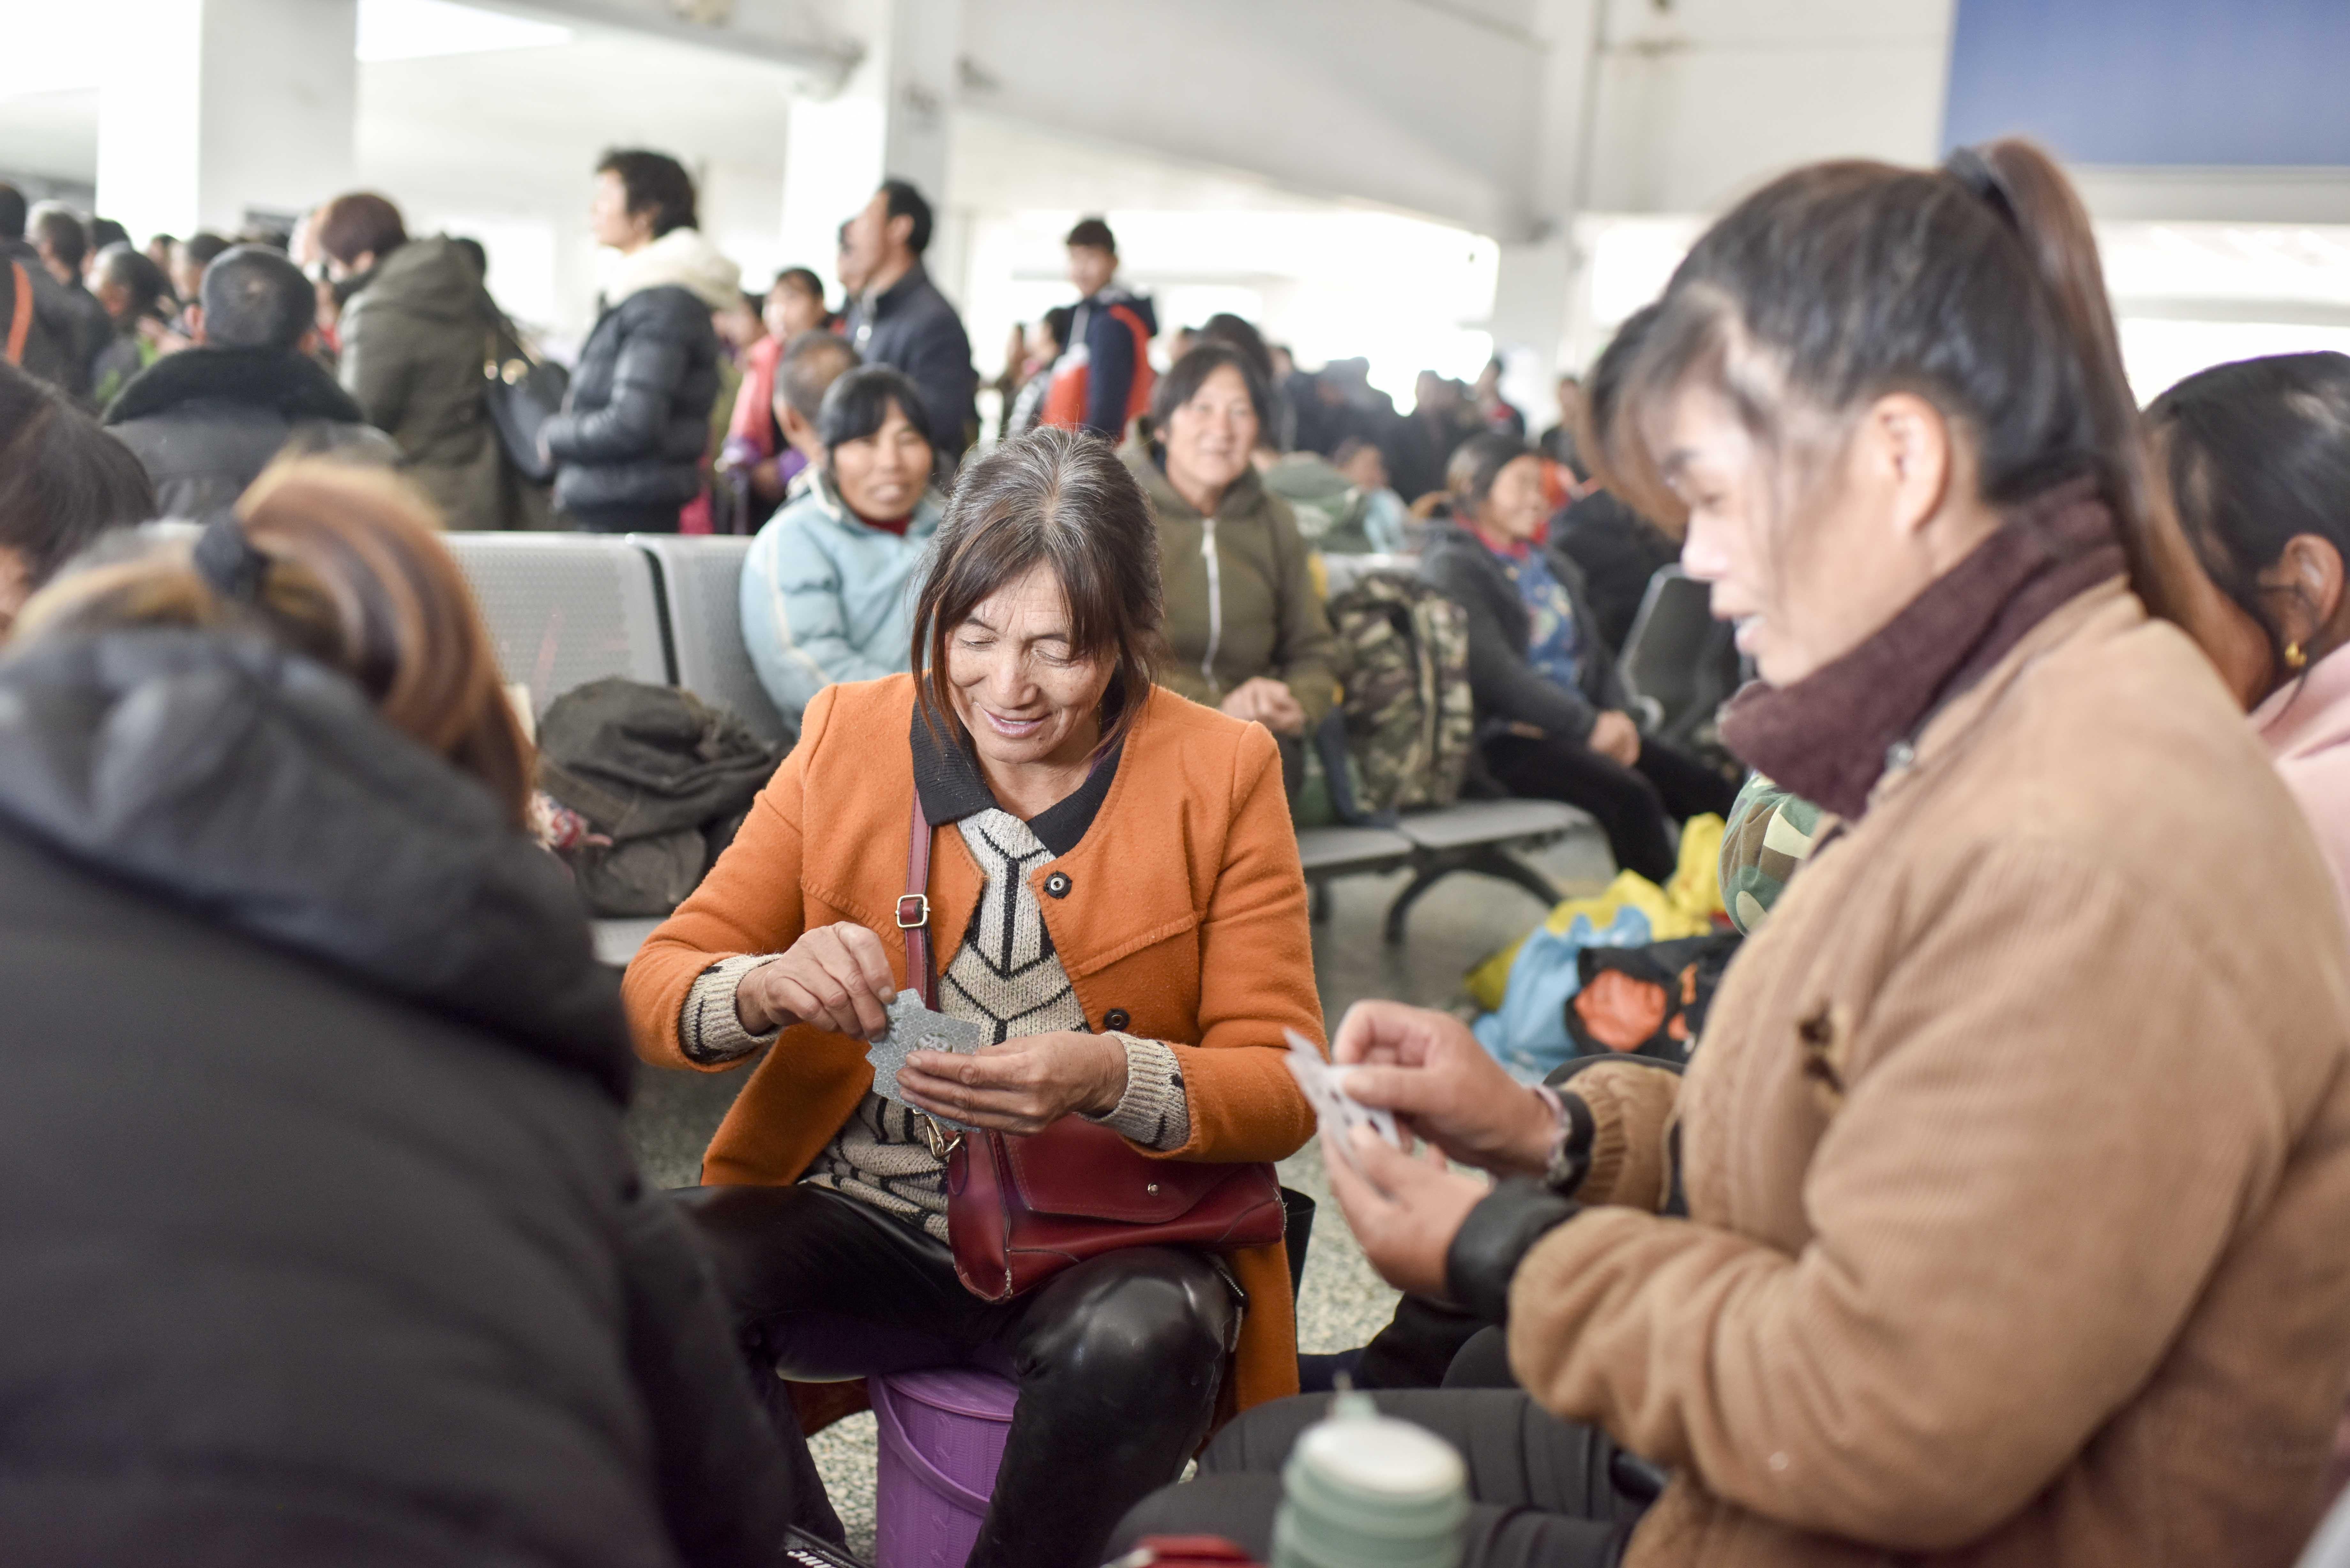 """在喀什火车站,准备乘车绿皮""""小慢车""""的乘客正通过打牌来消磨时光(11月23日摄)。"""